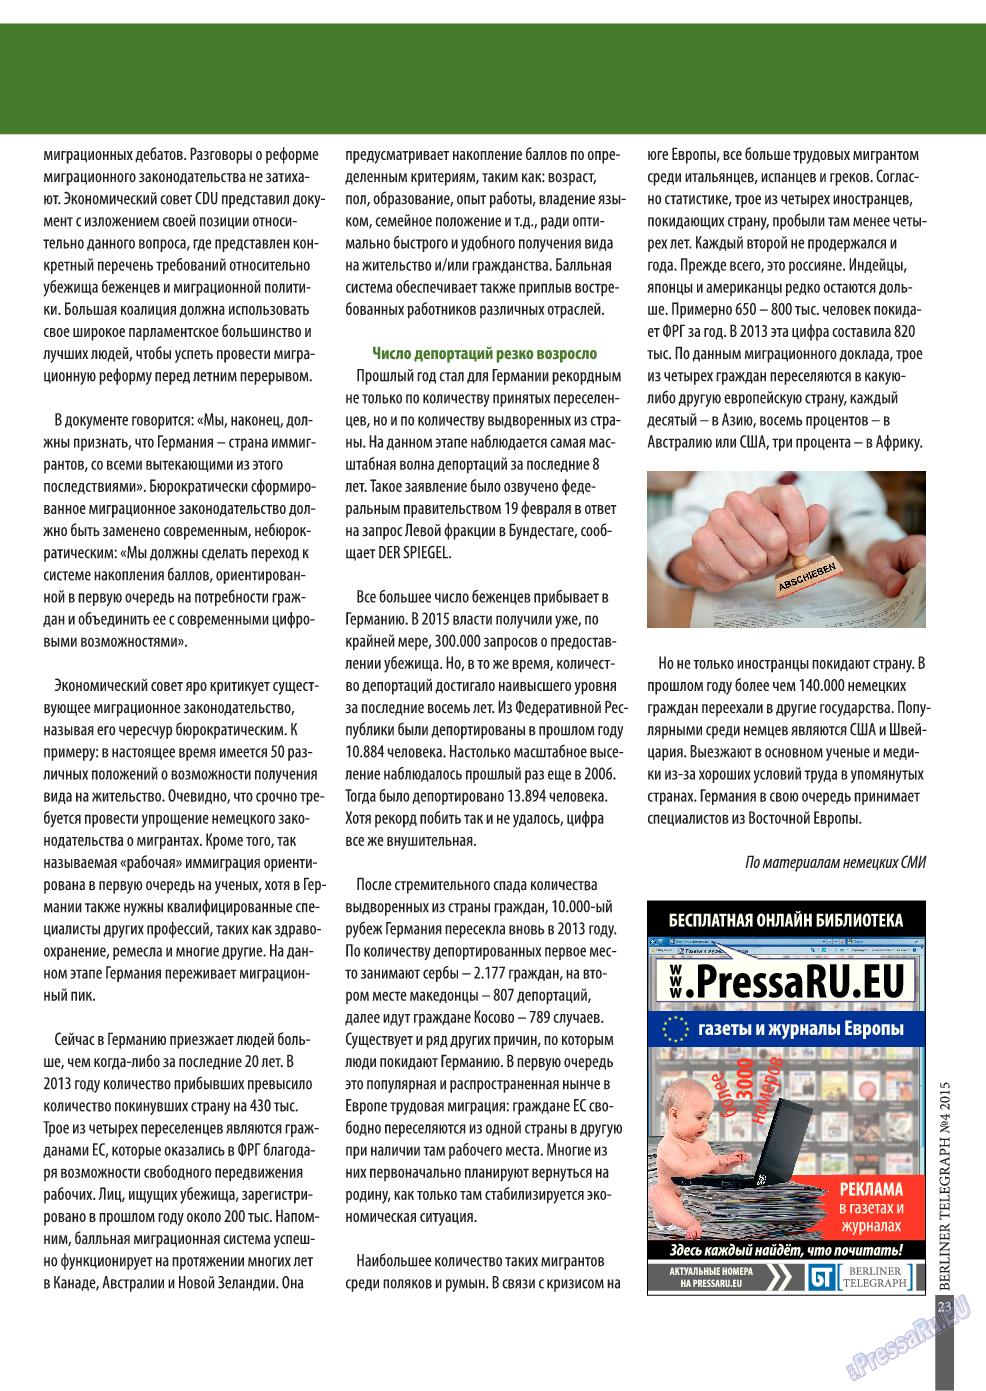 Берлинский телеграф (журнал). 2015 год, номер 4, стр. 23